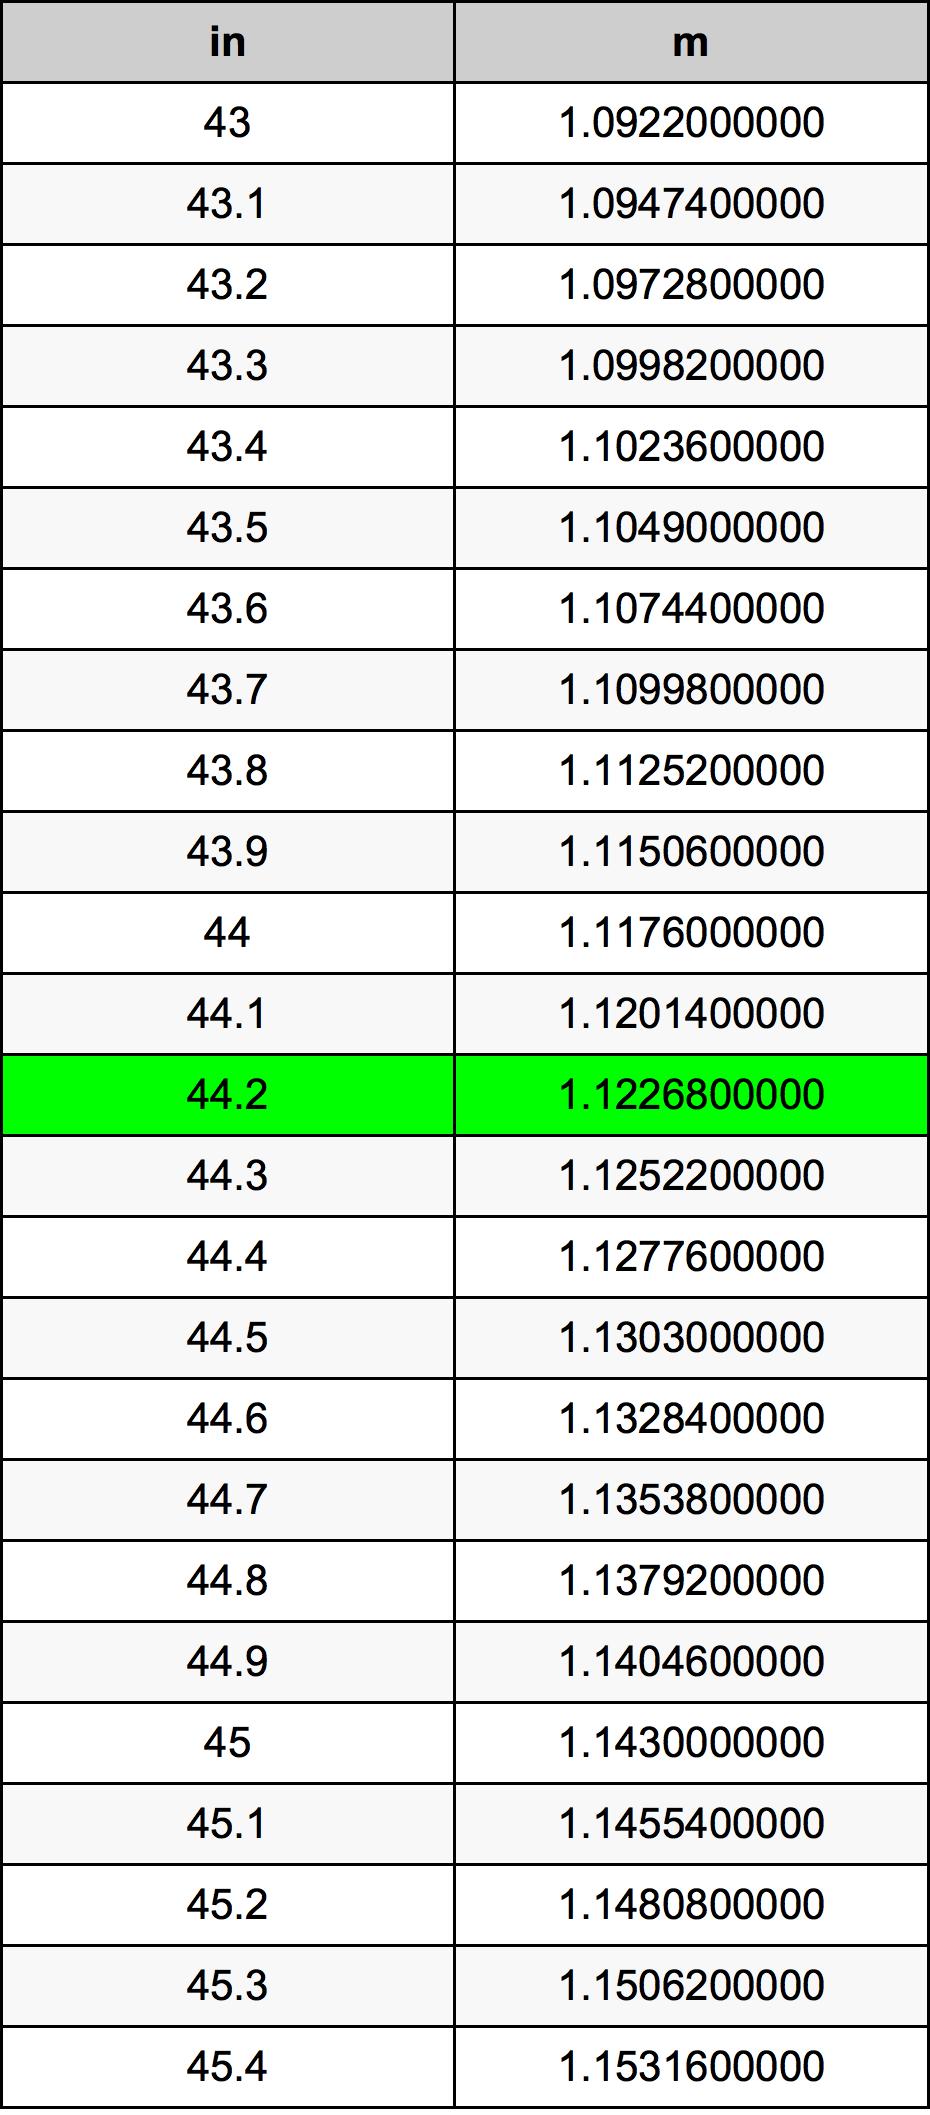 44.2 Palec prevodná tabuľka